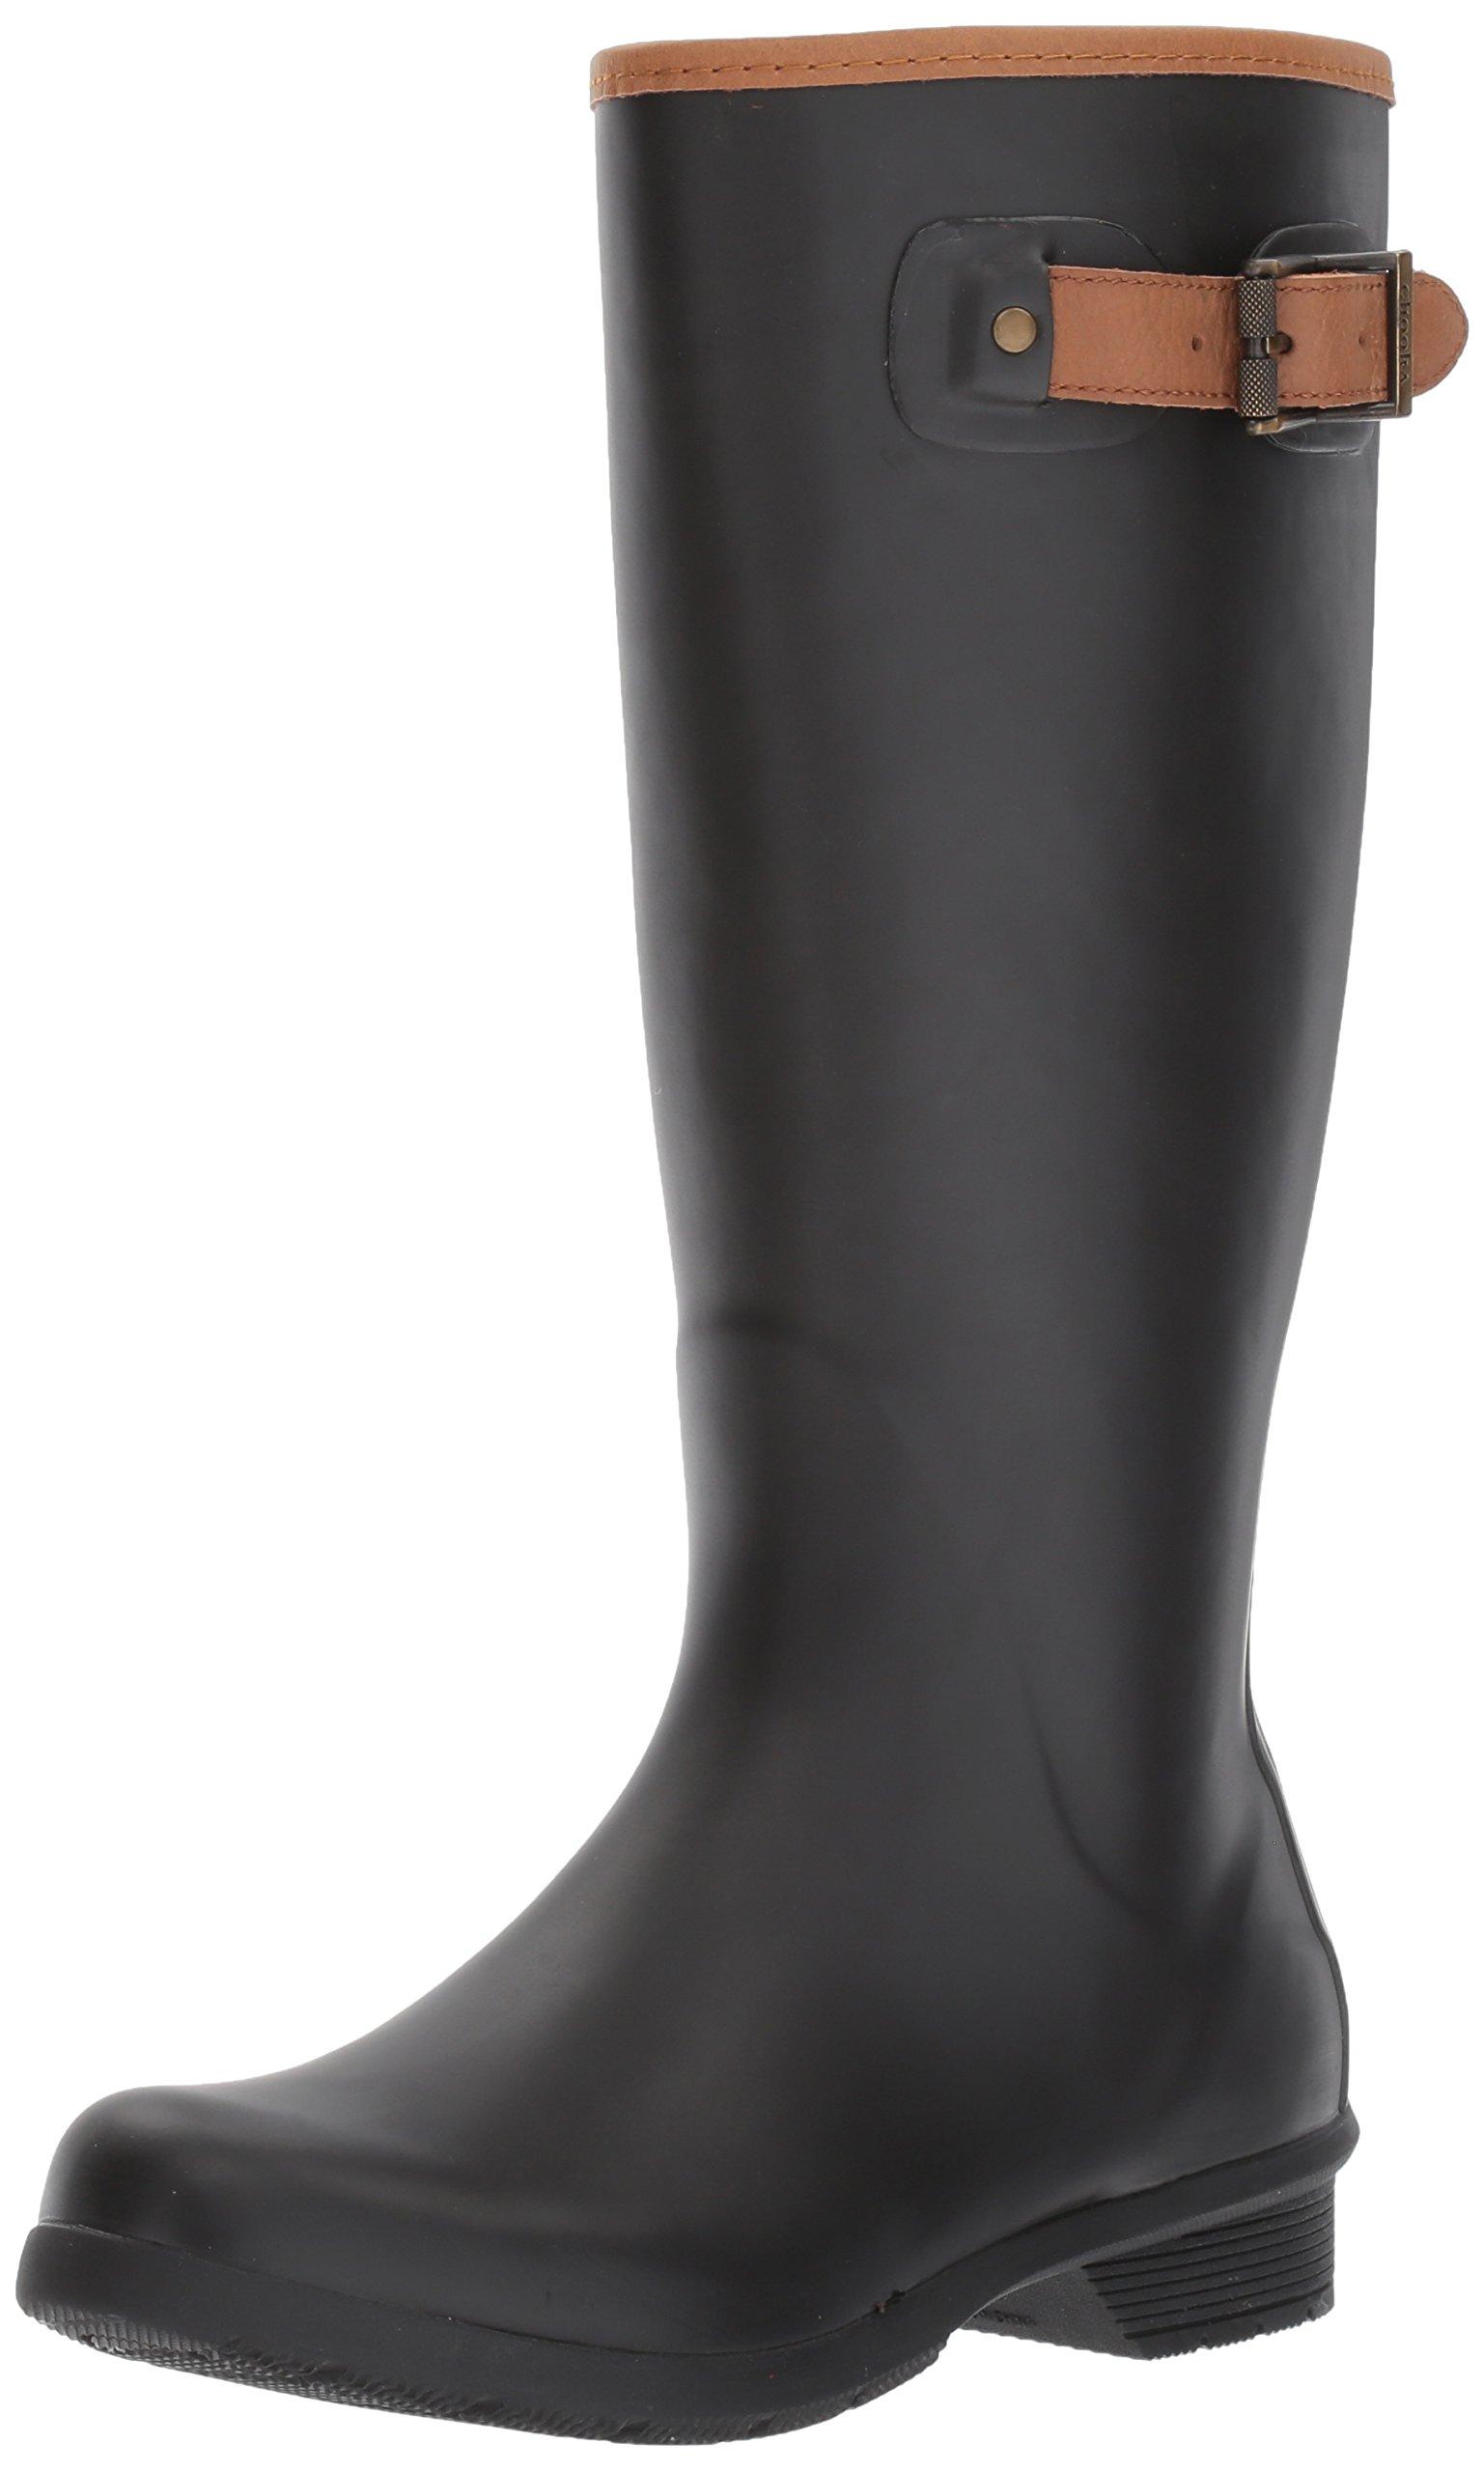 Chooka Women's Tall Memory Foam Rain Boot, Black, 8 M US by Chooka